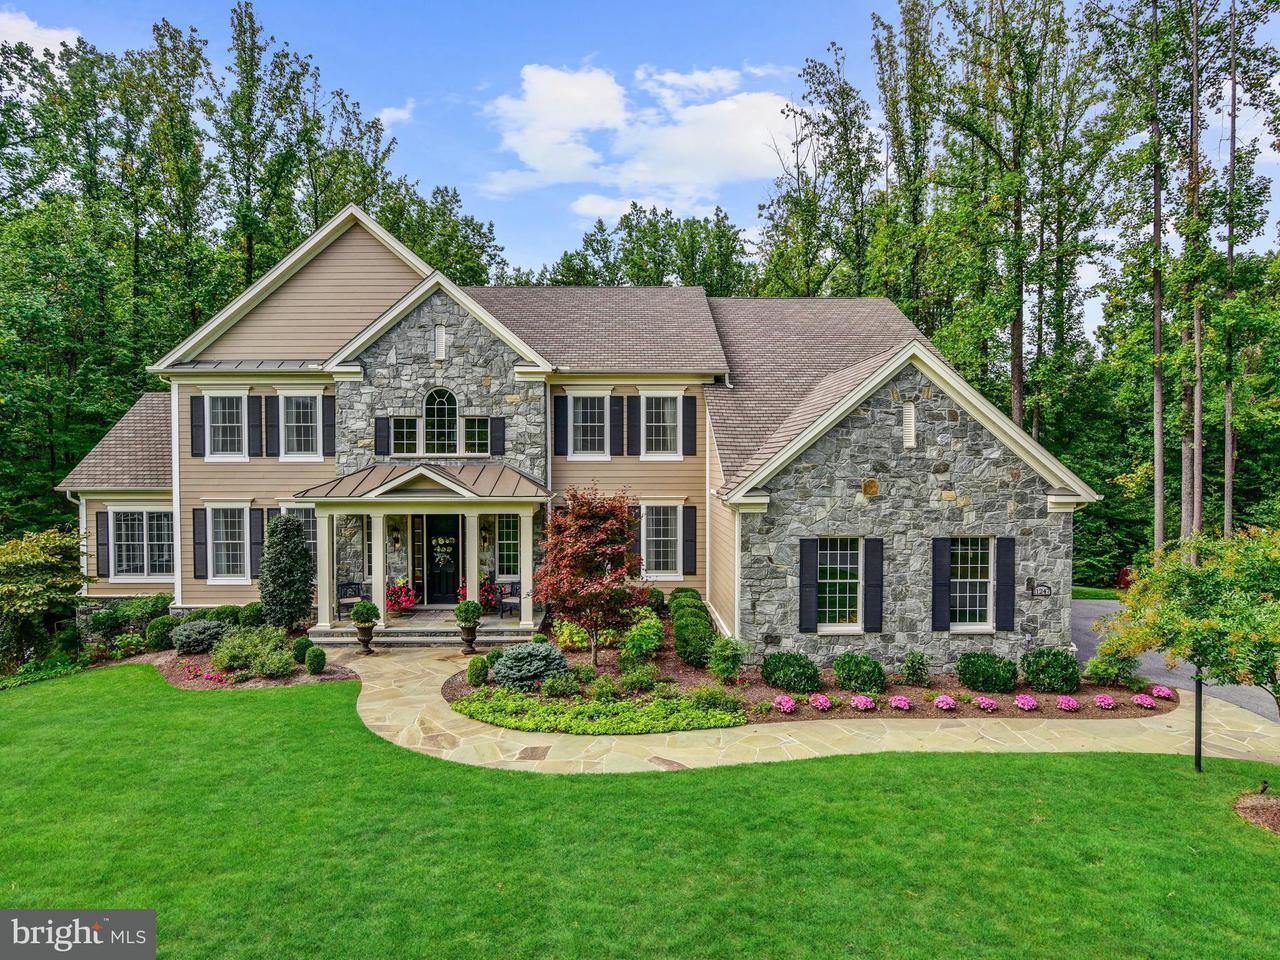 Частный односемейный дом для того Продажа на 11247 Independence Way 11247 Independence Way Ellicott City, Мэриленд 21042 Соединенные Штаты